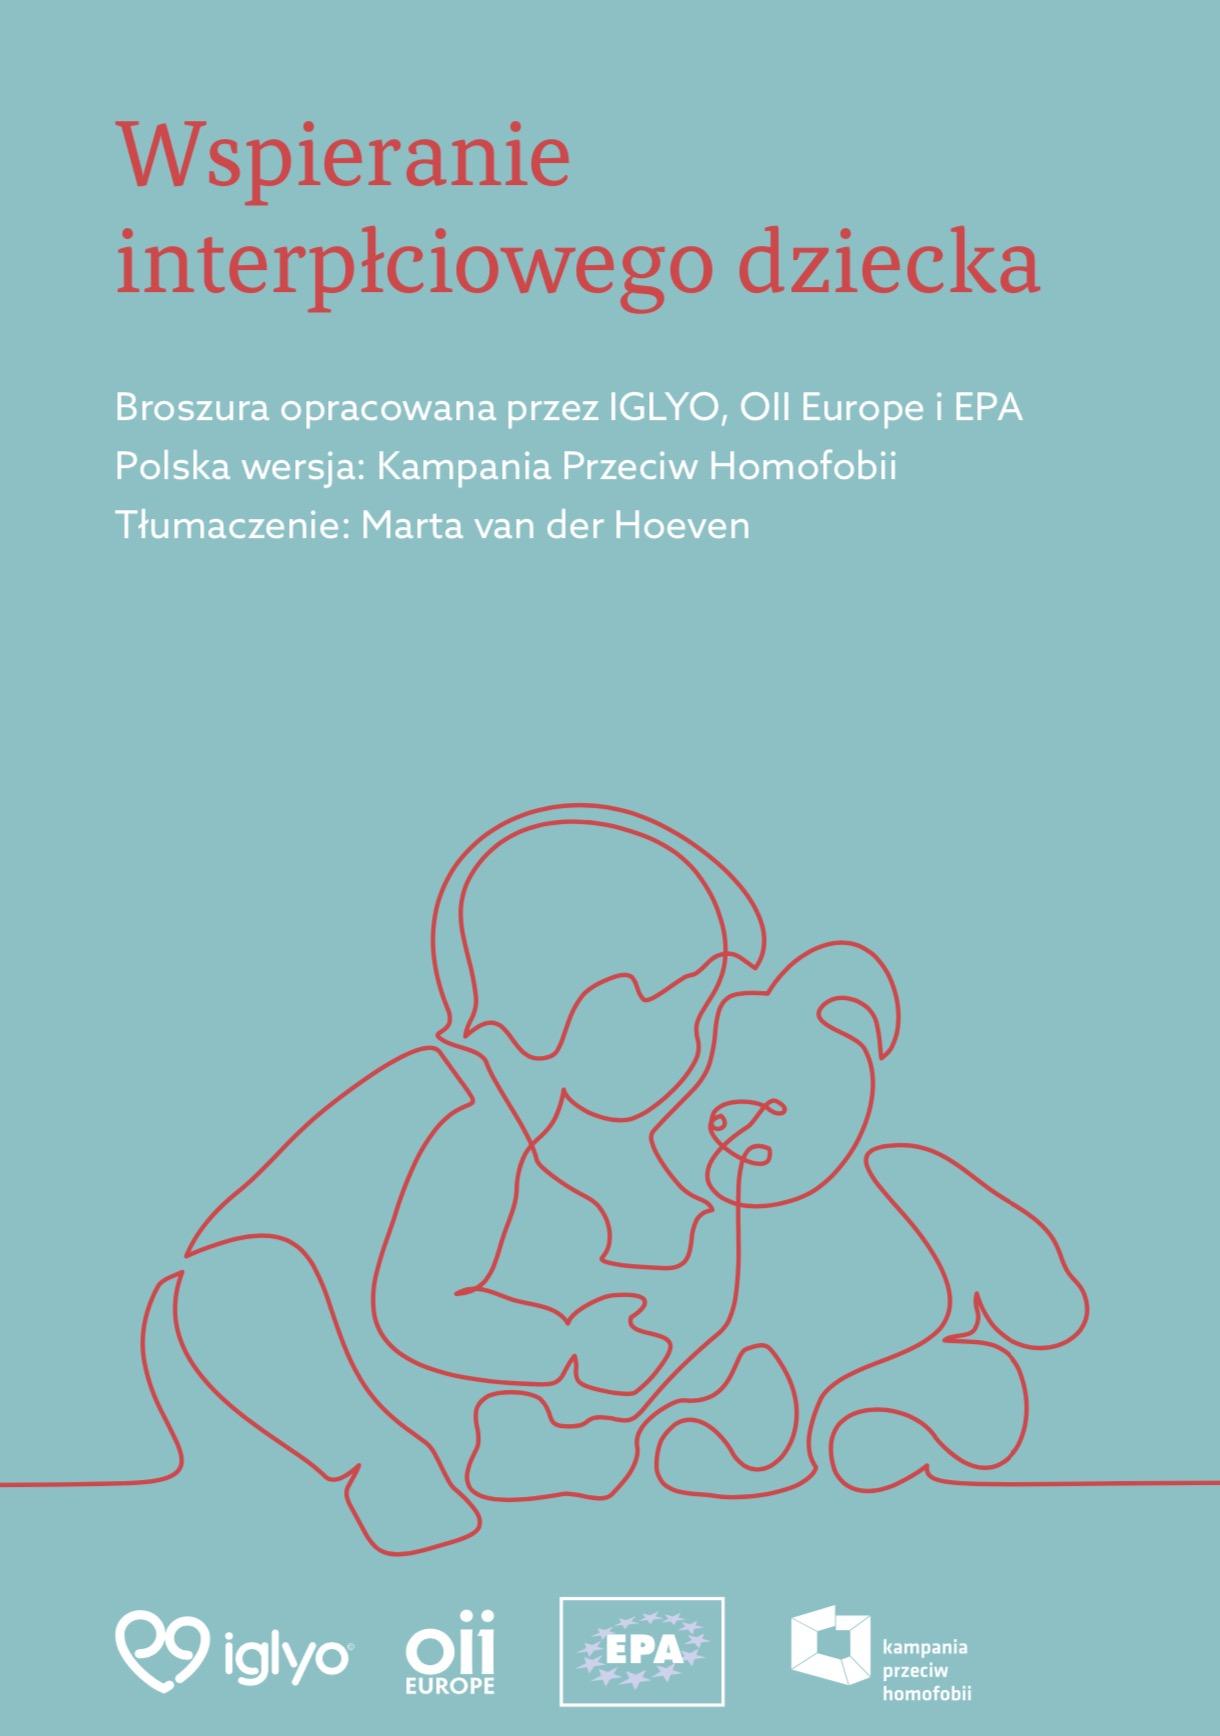 Wspieranie interpłciowego dziecka